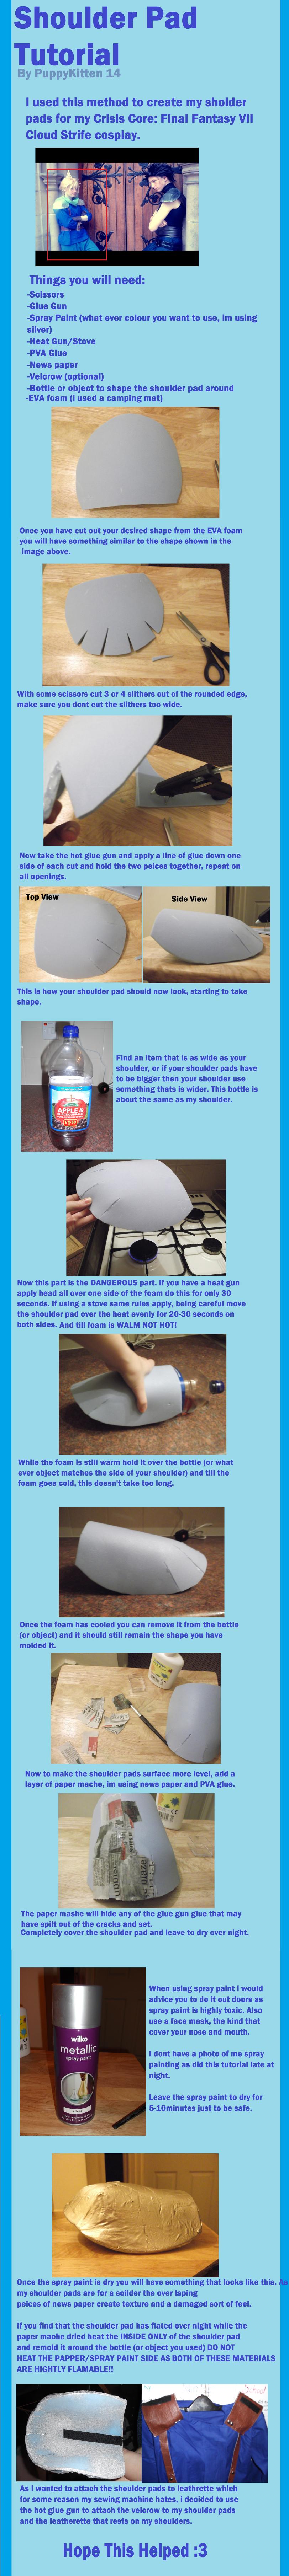 Shoulder Pad Tutorial by PuppyKitten14 deviantart com on